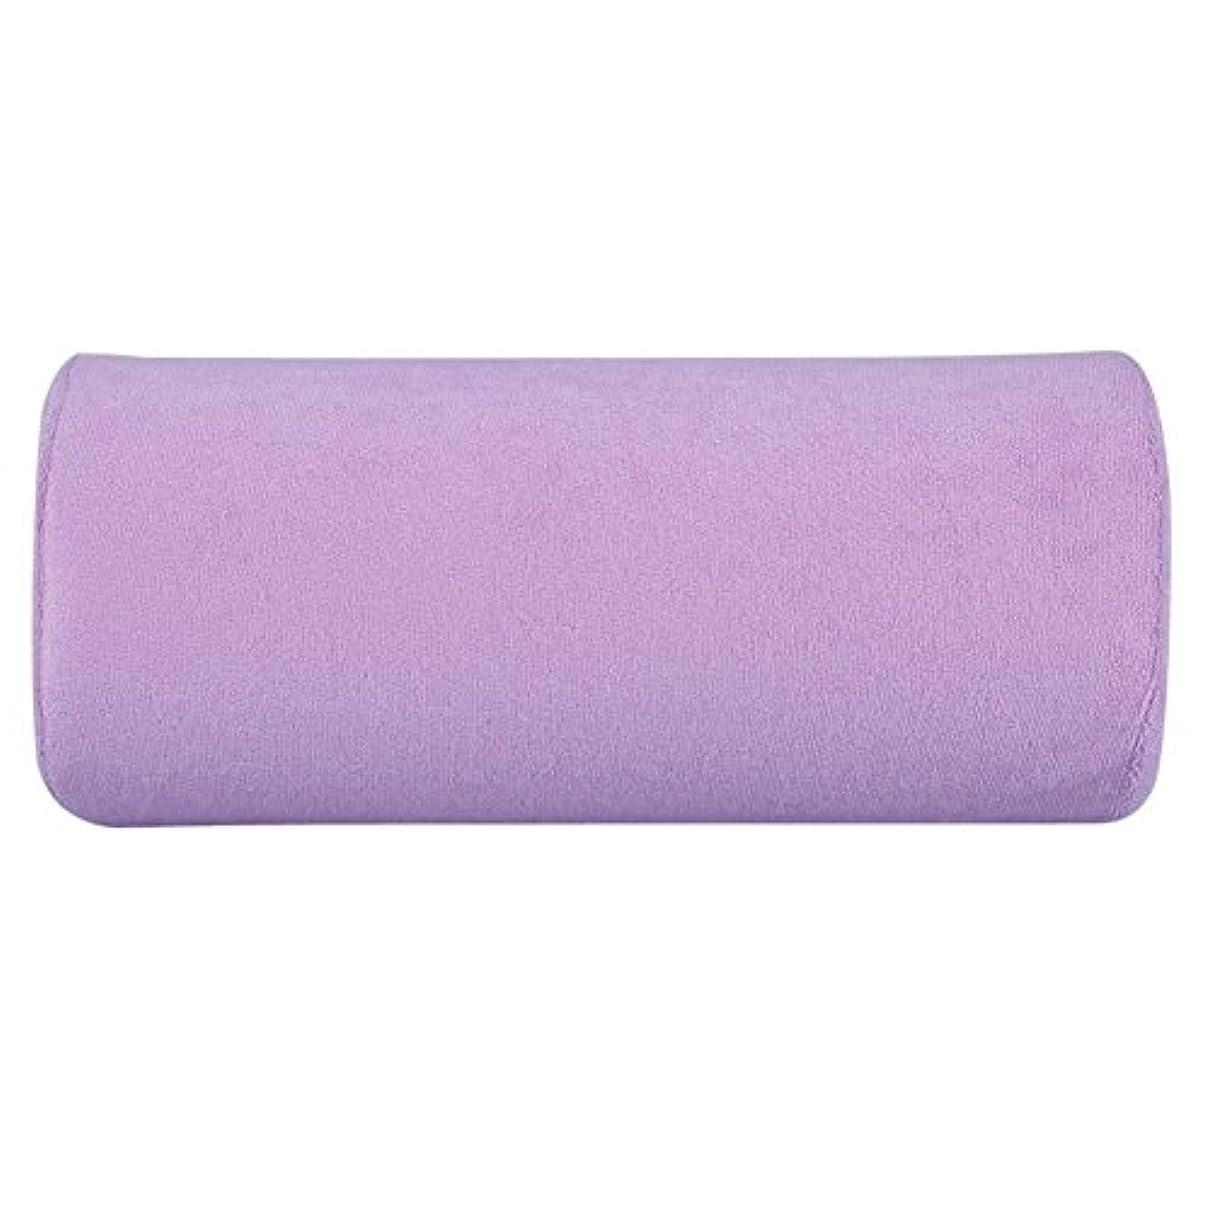 広範囲にスリップシューズ君主dootiネイル用アームレスト 取り外し可能 洗える ハンドレストクッション ネイル ハンドクッション 10色 (02)